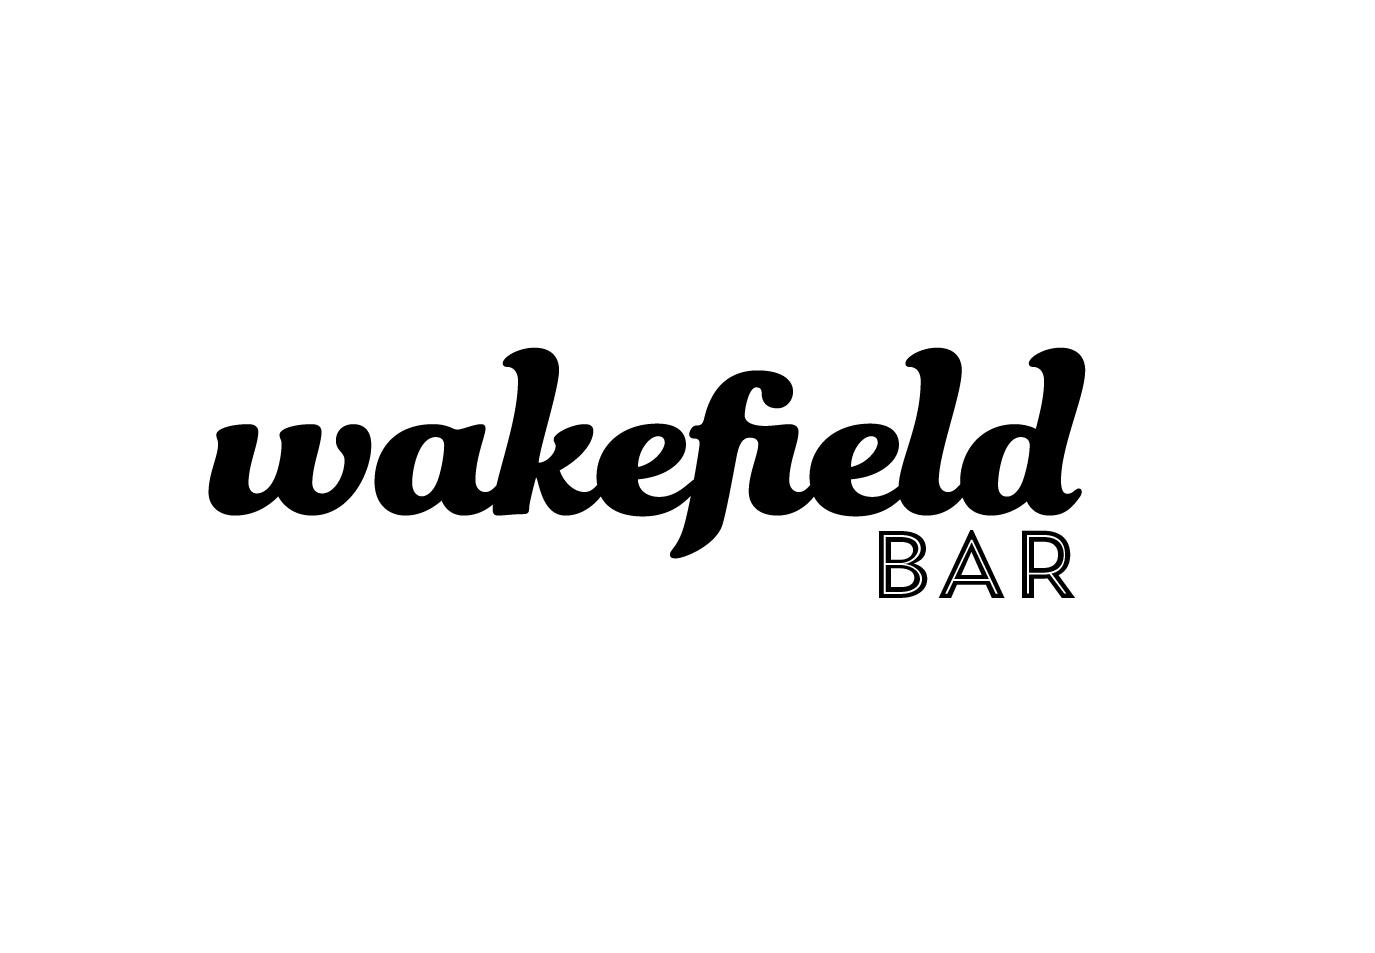 Wakefield Bar - Belltown Bar